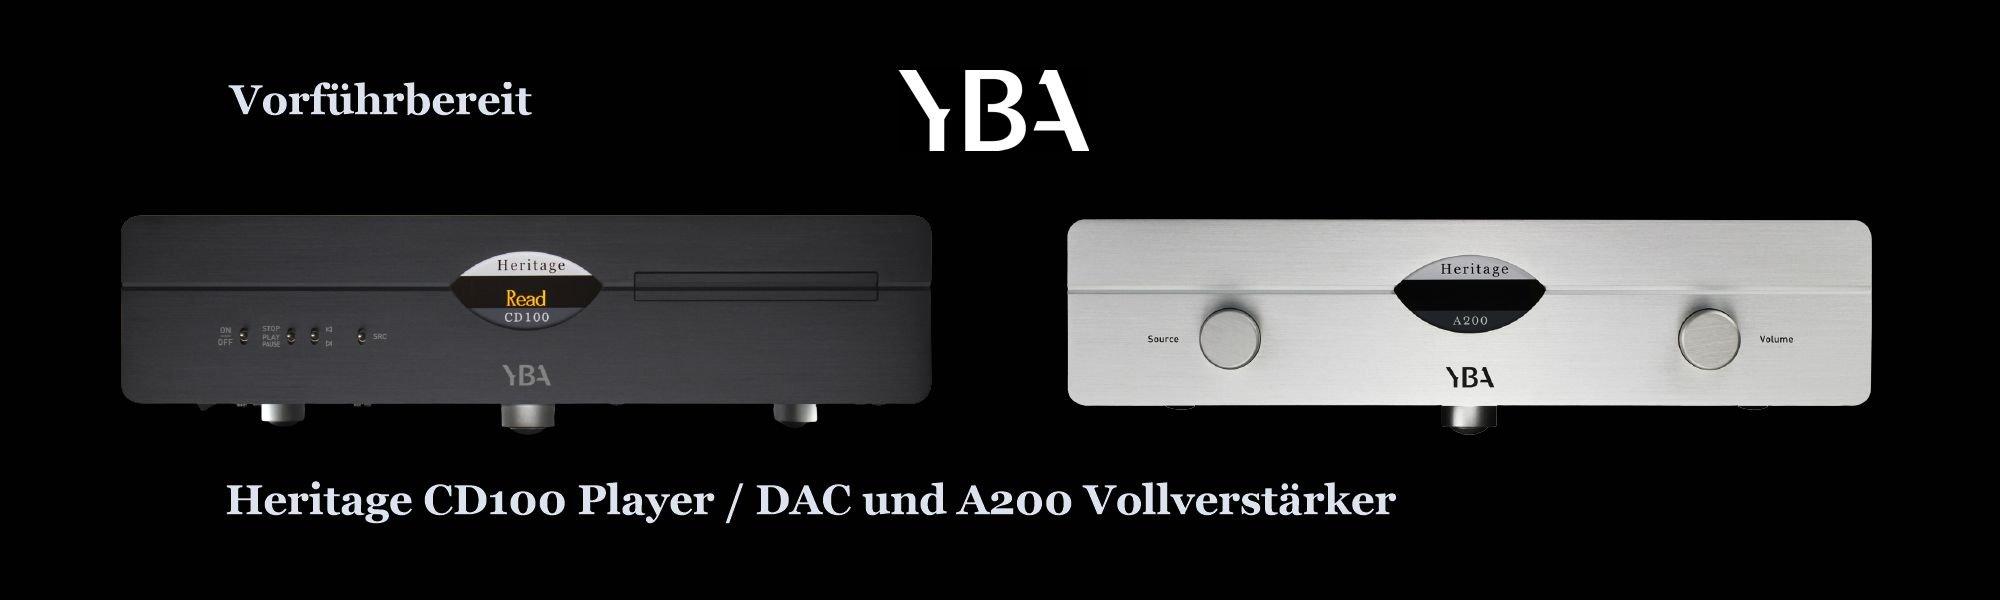 YBA Heritage CD100 CD-Player und A200 Vollverstärker